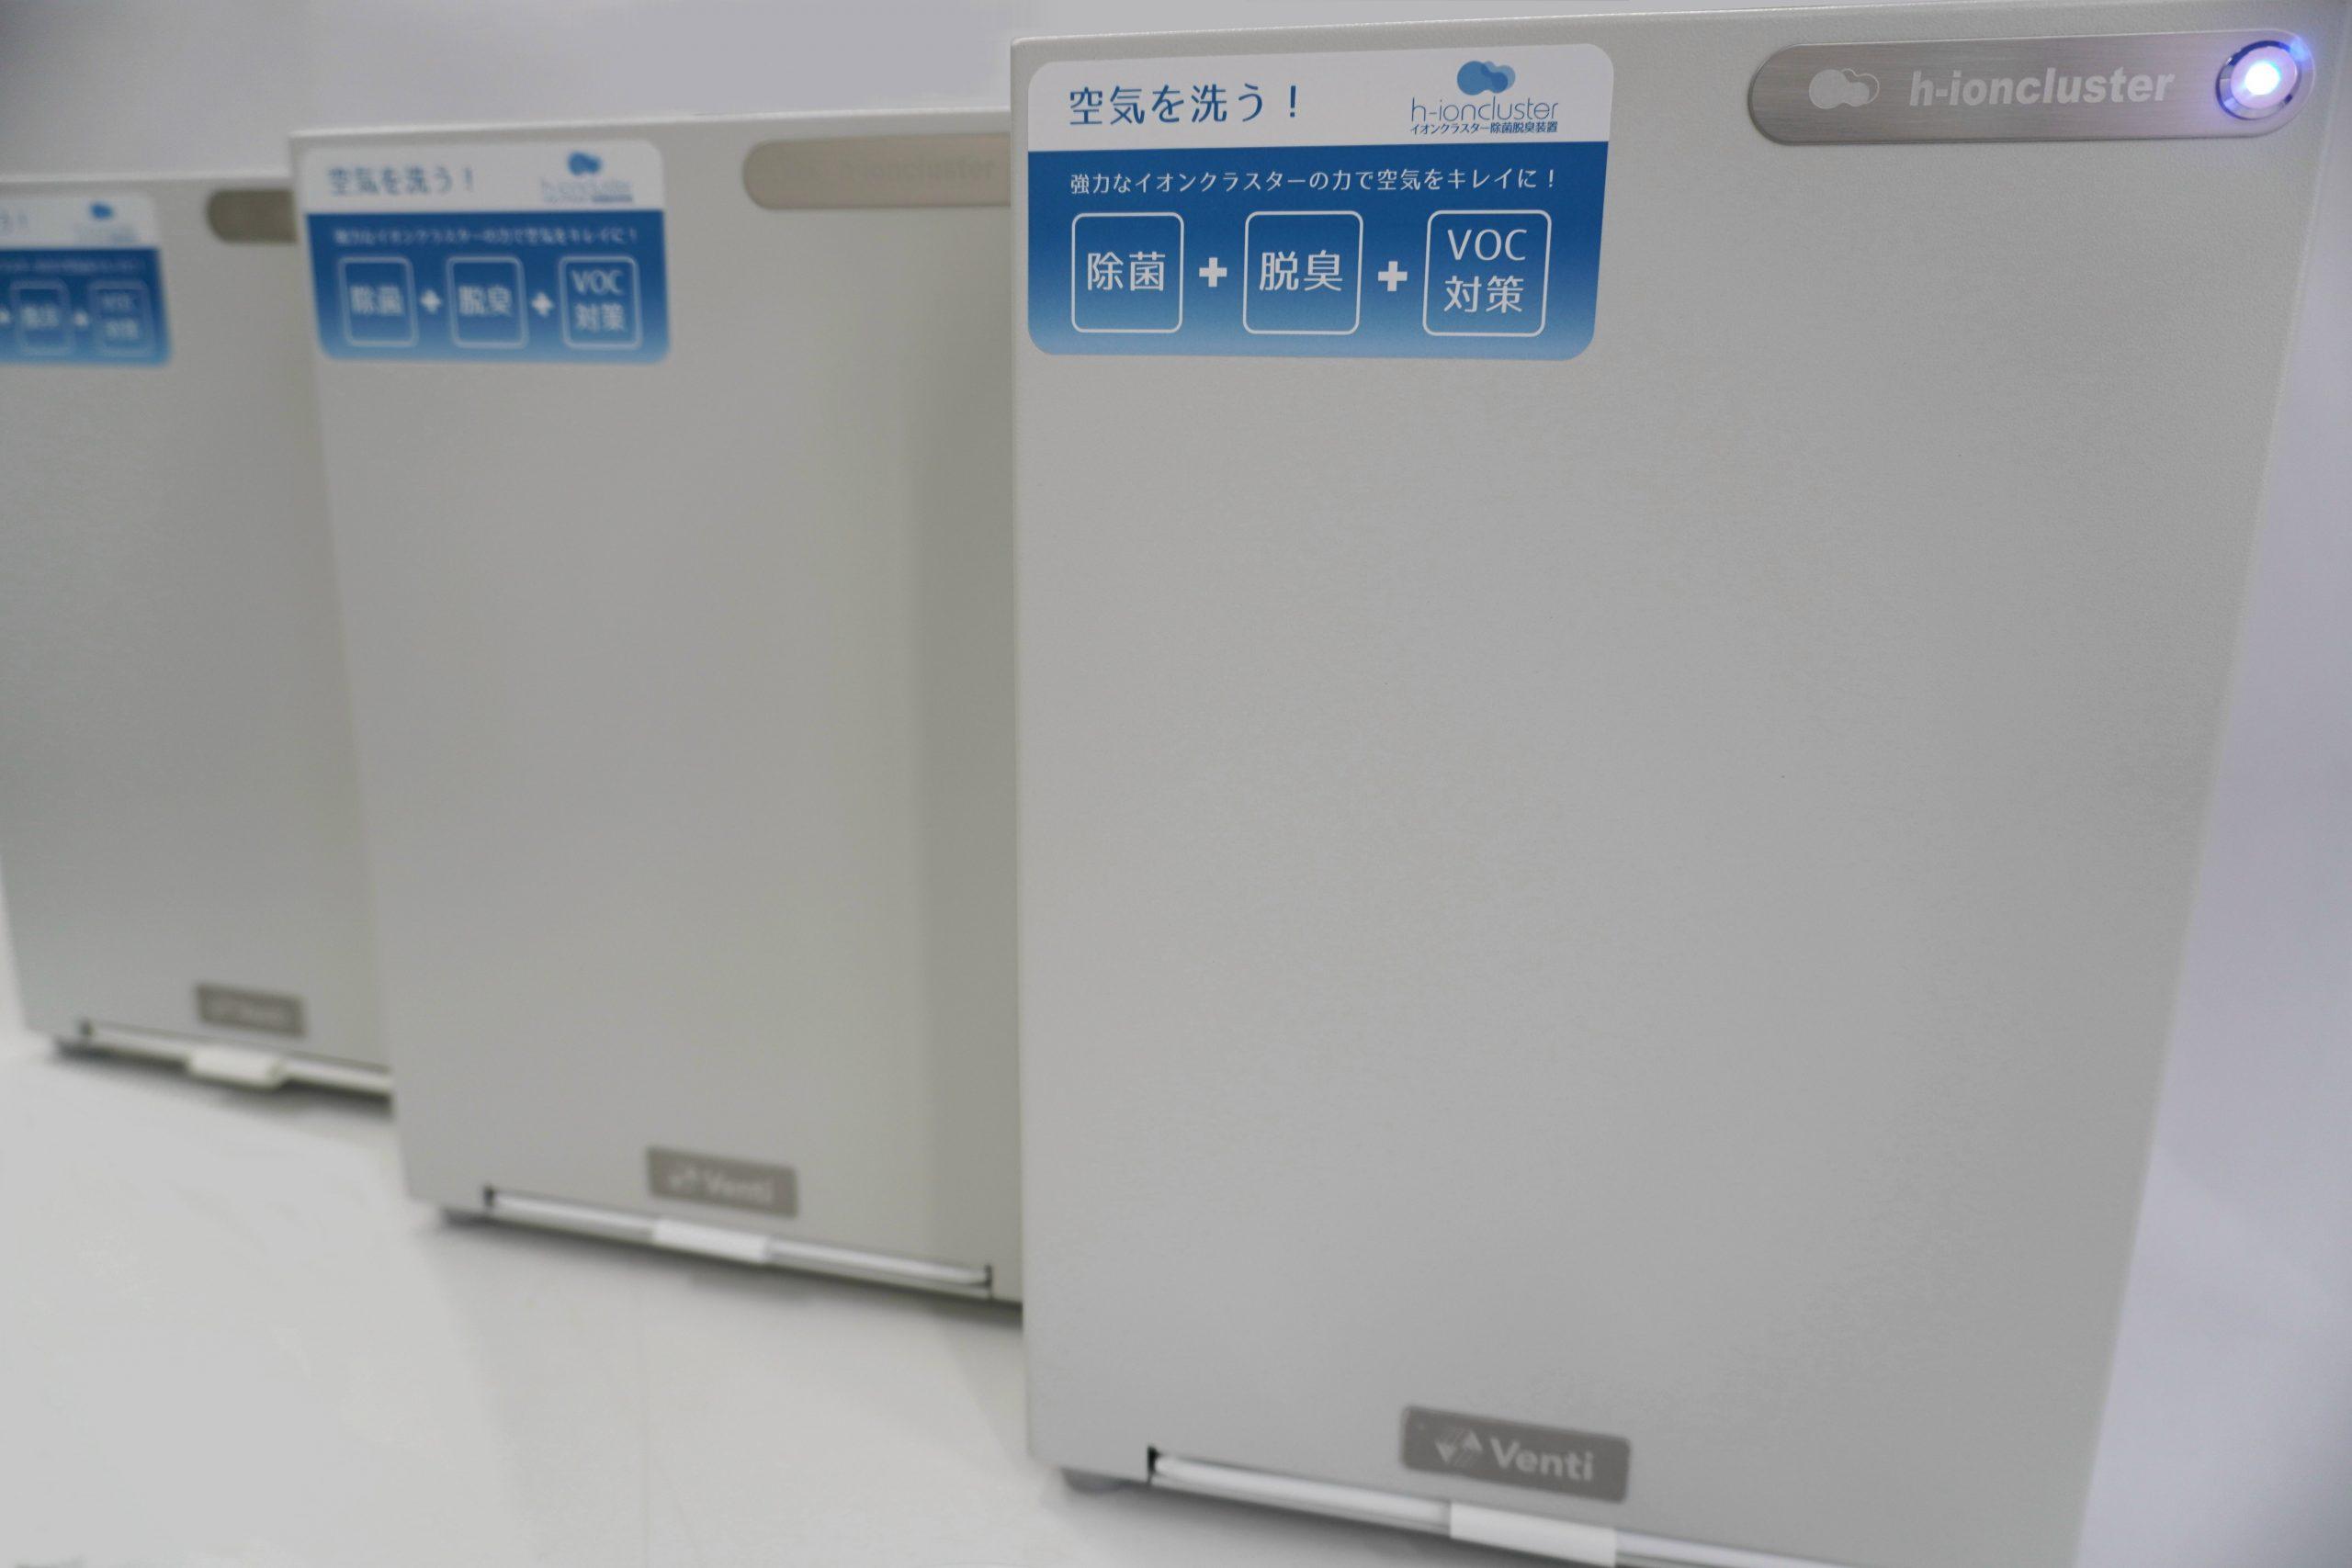 空間除菌機 H-ioncluster